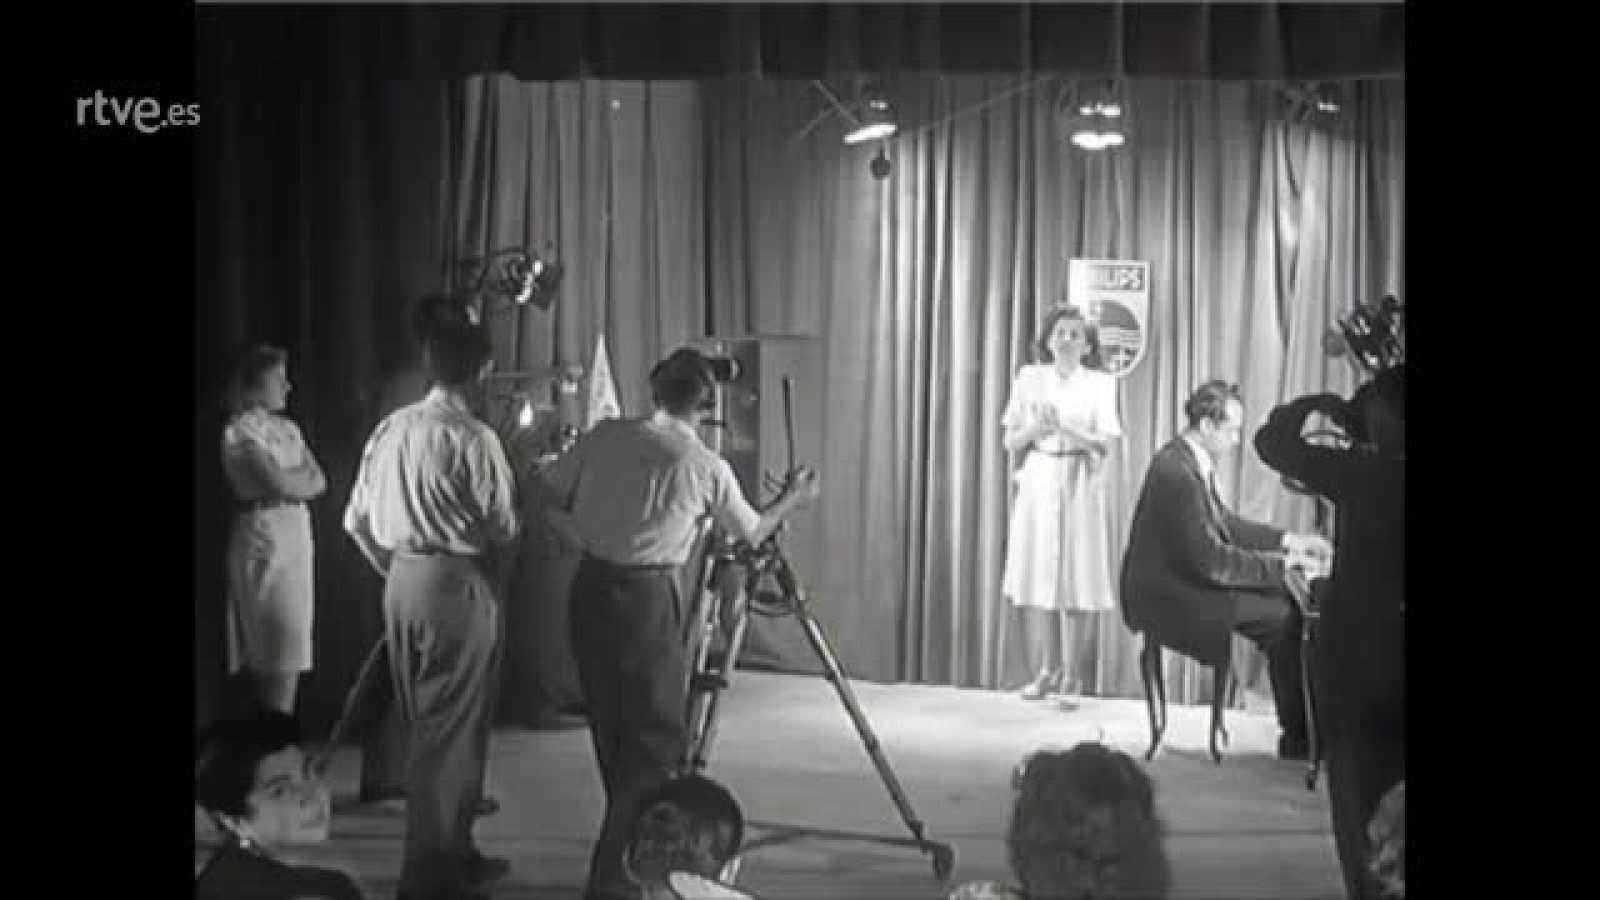 Historia de TVE - Primera demostración de Televisión en España